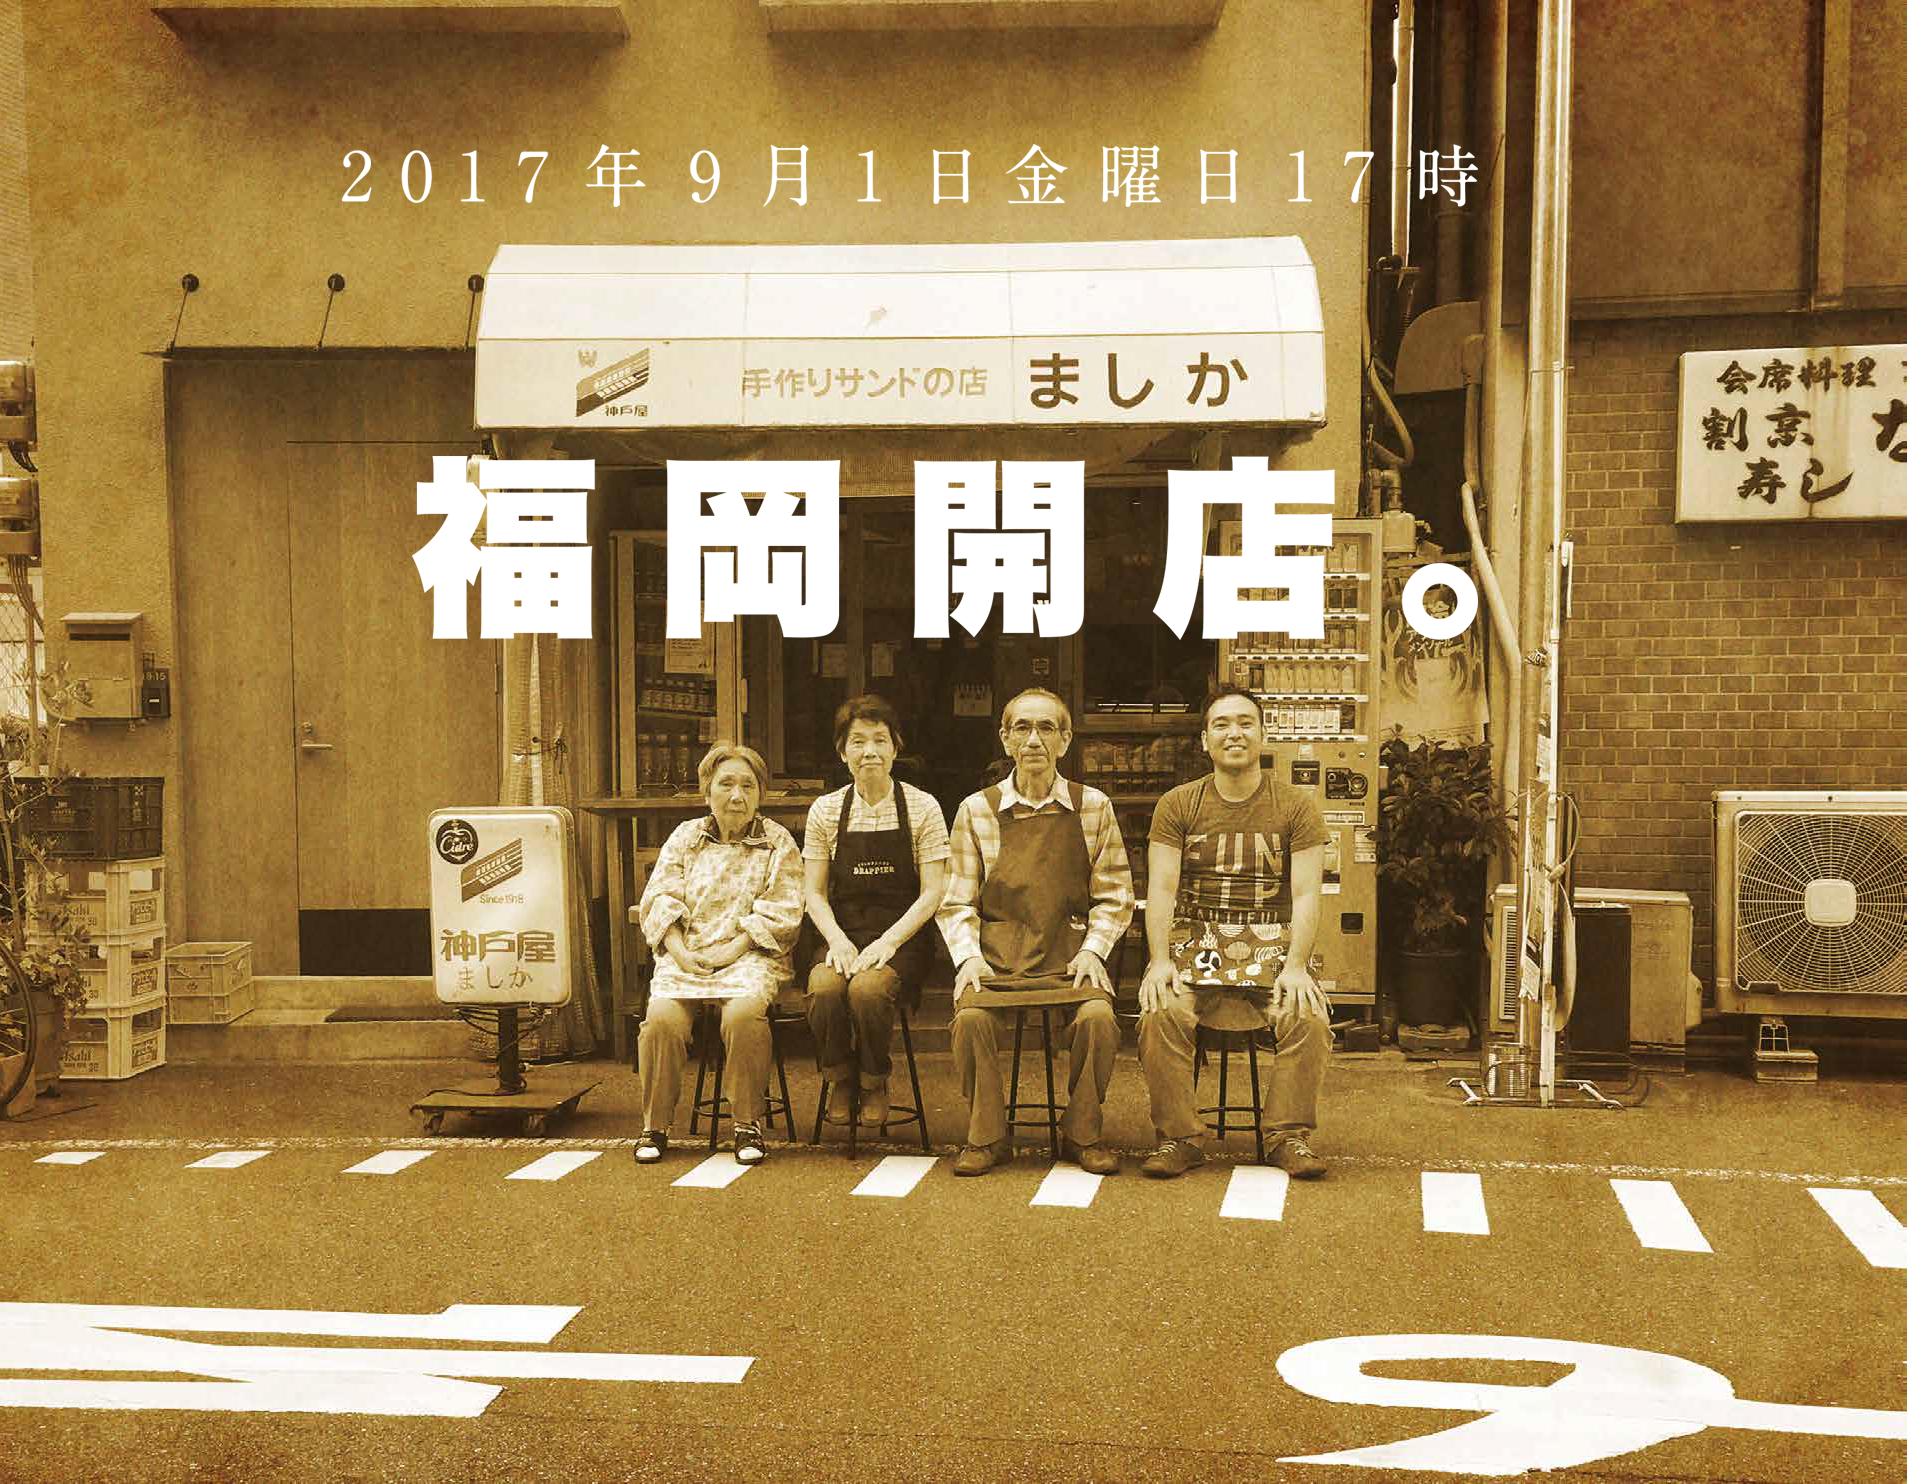 2017年9月1日 金曜日 17時 福岡開店。